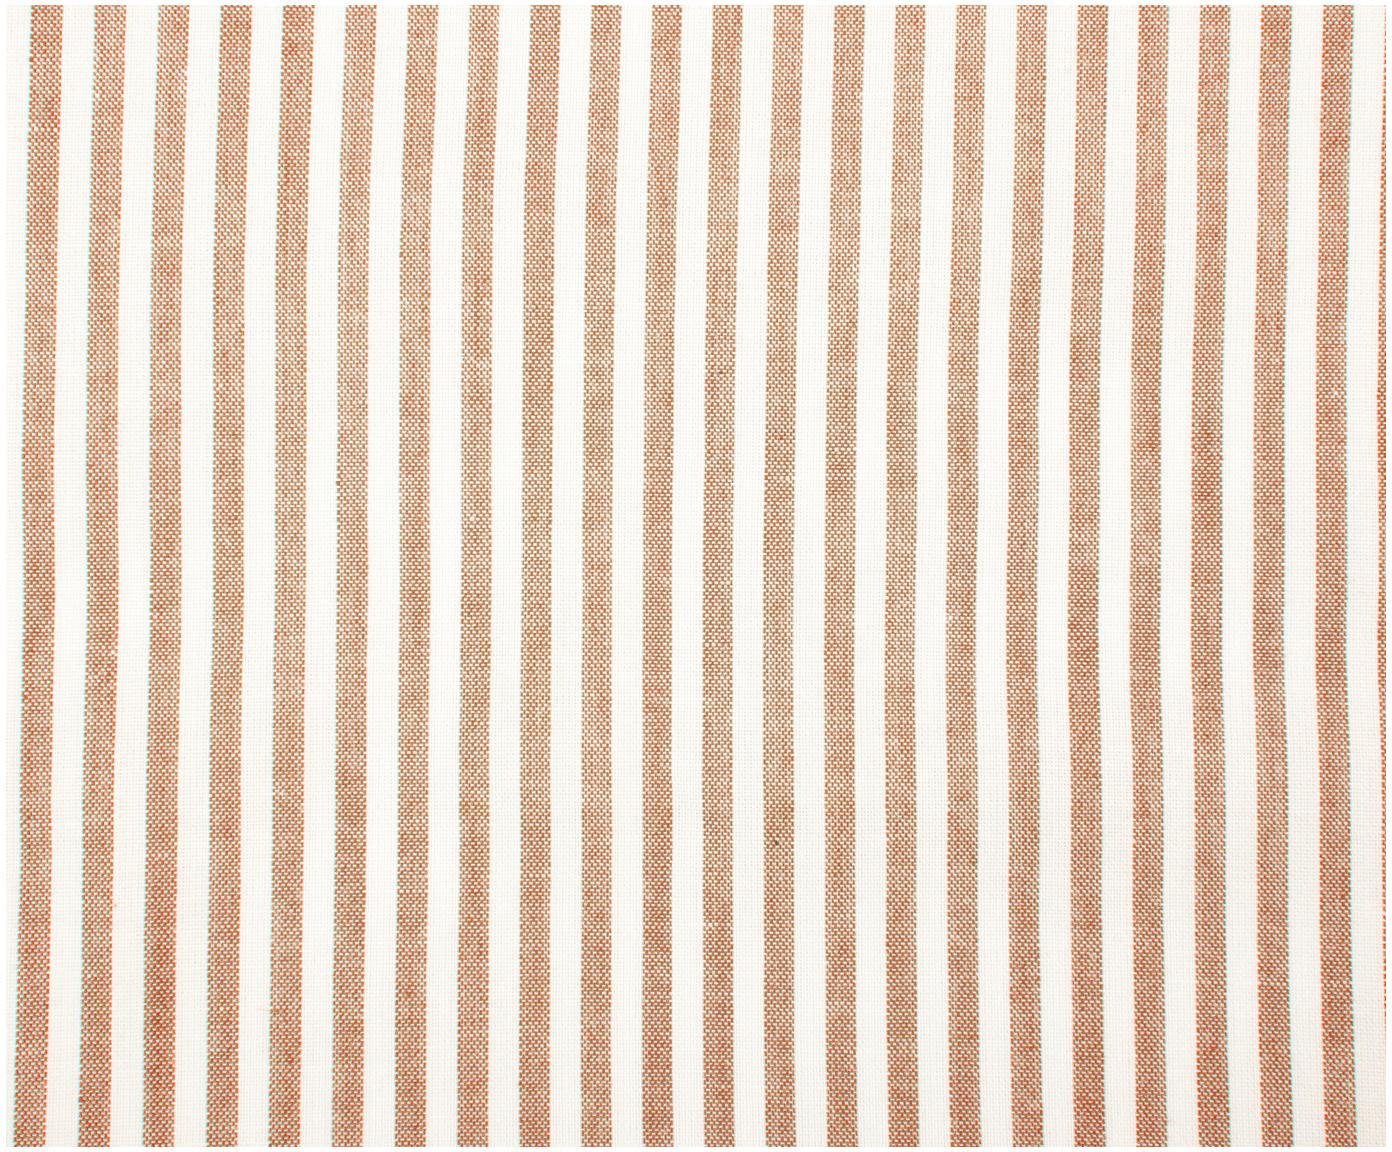 Baumwoll-Bettwäsche Ellie, fein gestreift, Webart: Renforcé Fadendichte 118 , Weiß, Rot, 240 x 220 cm + 2 Kissen 80 x 80 cm